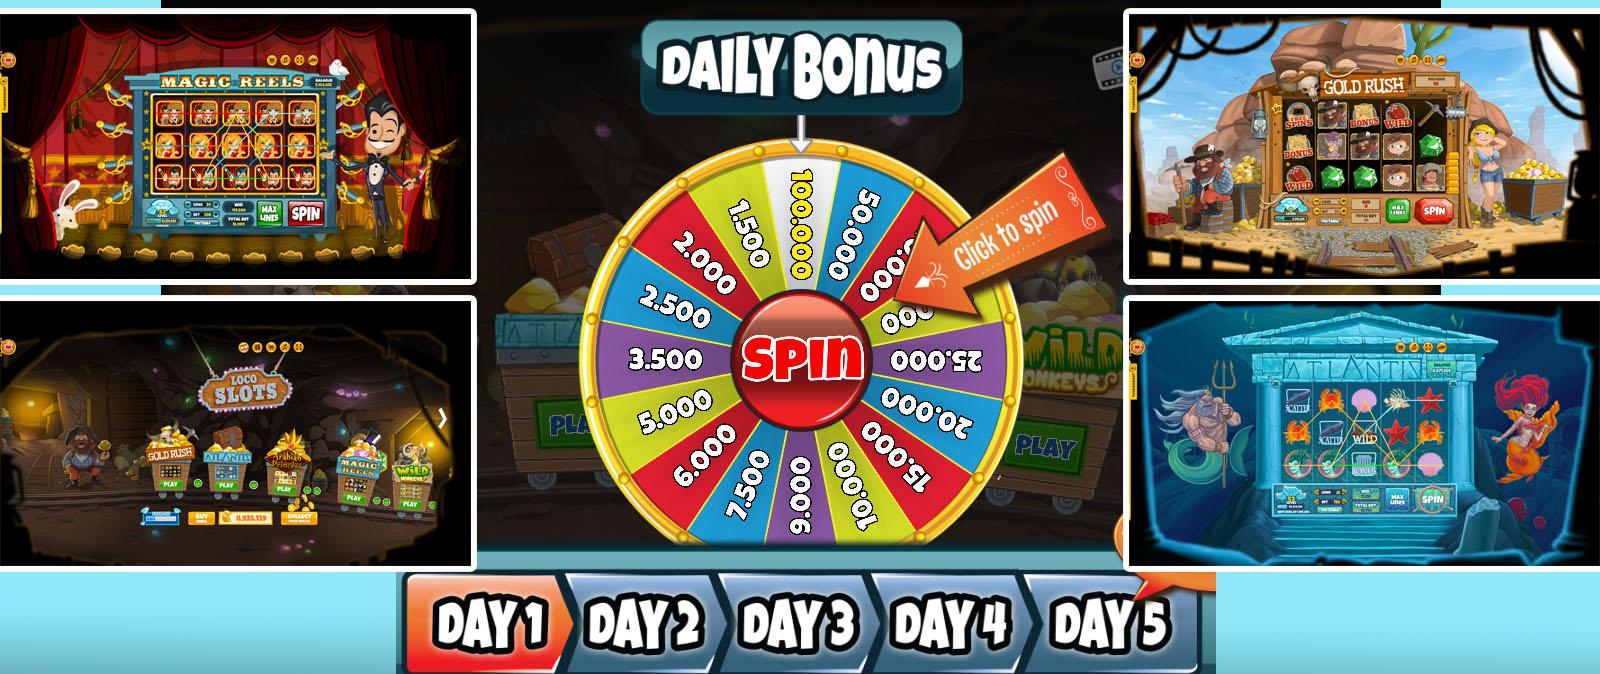 Disfruta de las tragaperras juegos de bingo y ruleta desde tu móvil-972